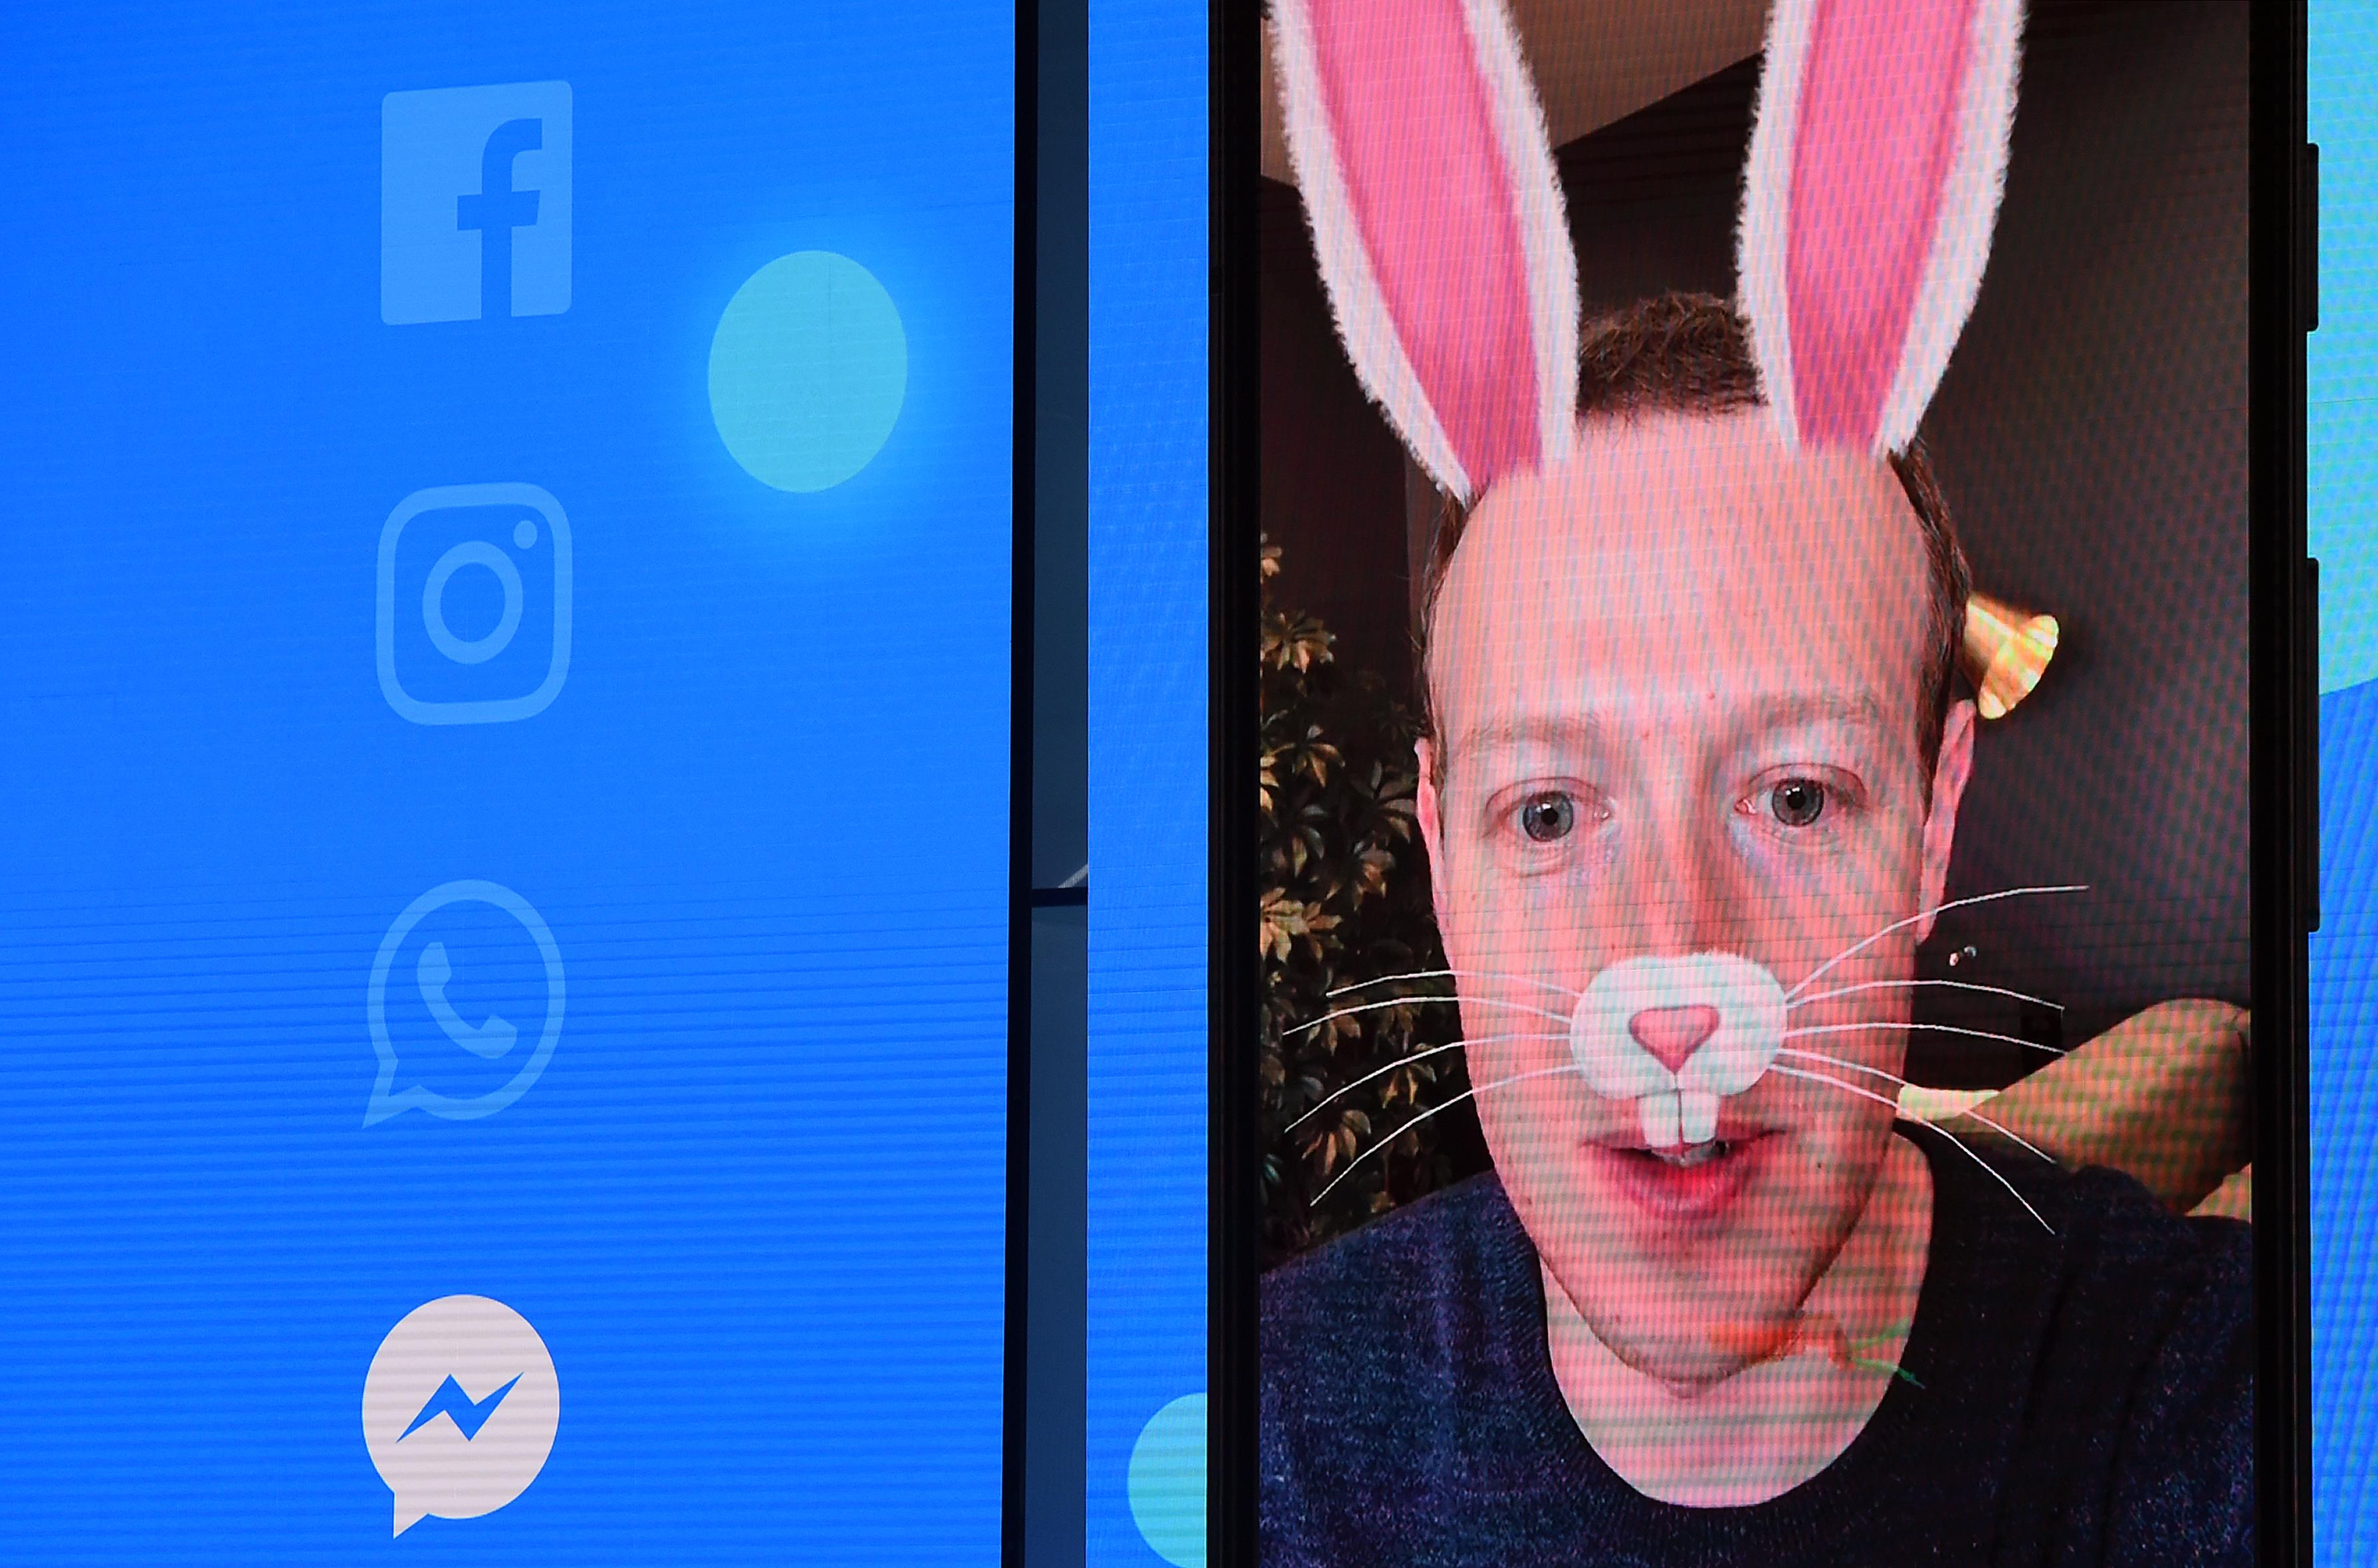 A Facebook először árulta el, hány posztot töröltek meztelenség vagy gyűlölködés miatt